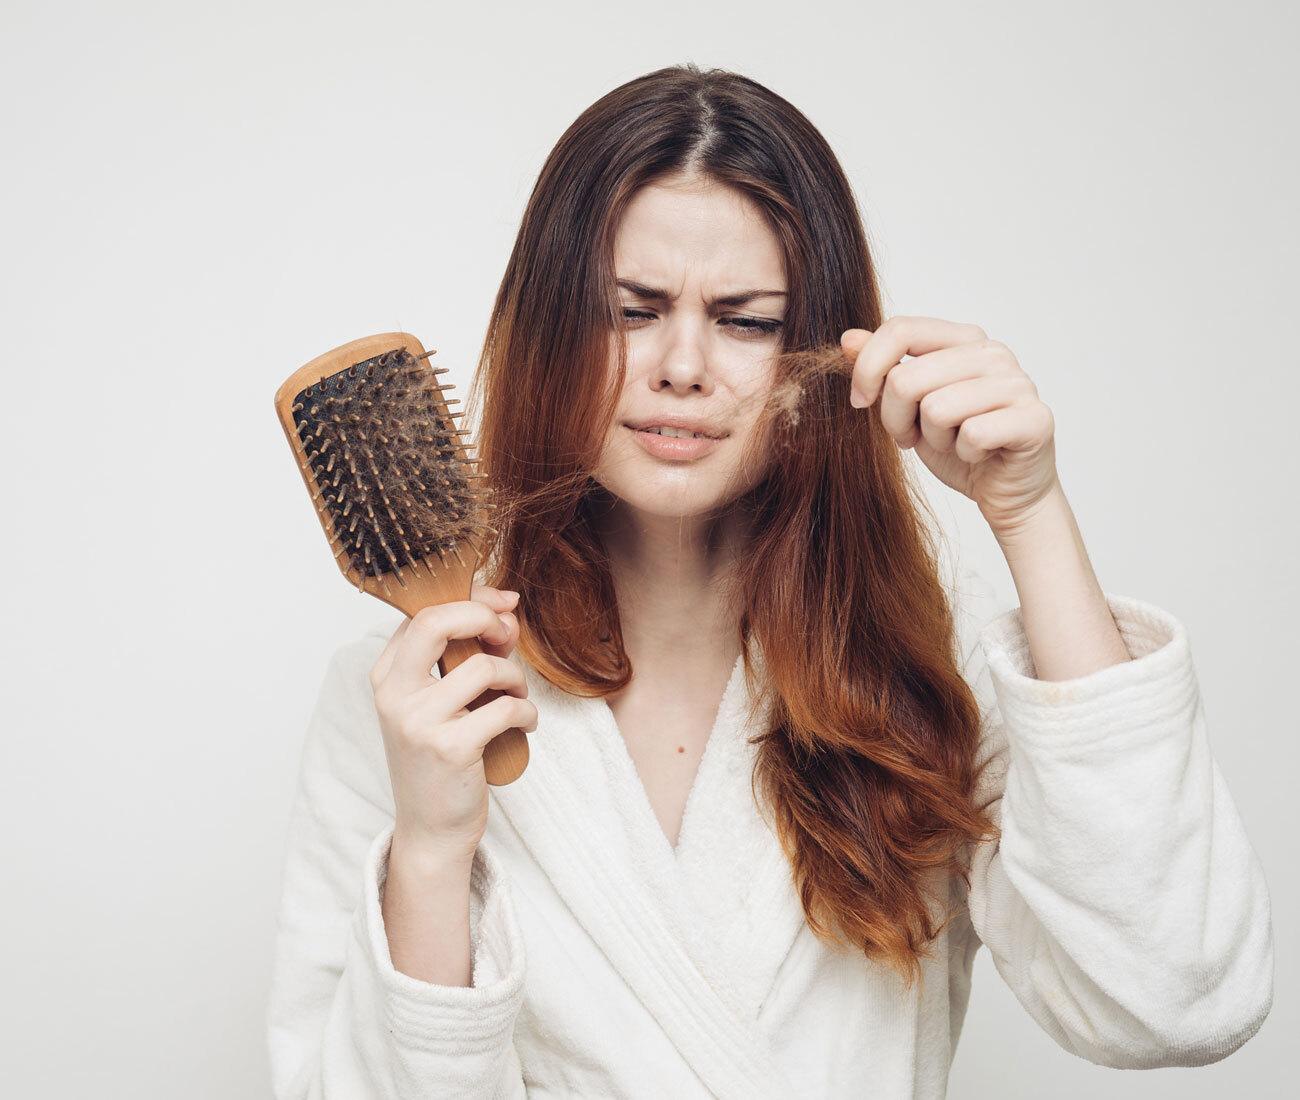 Hair loss and balding